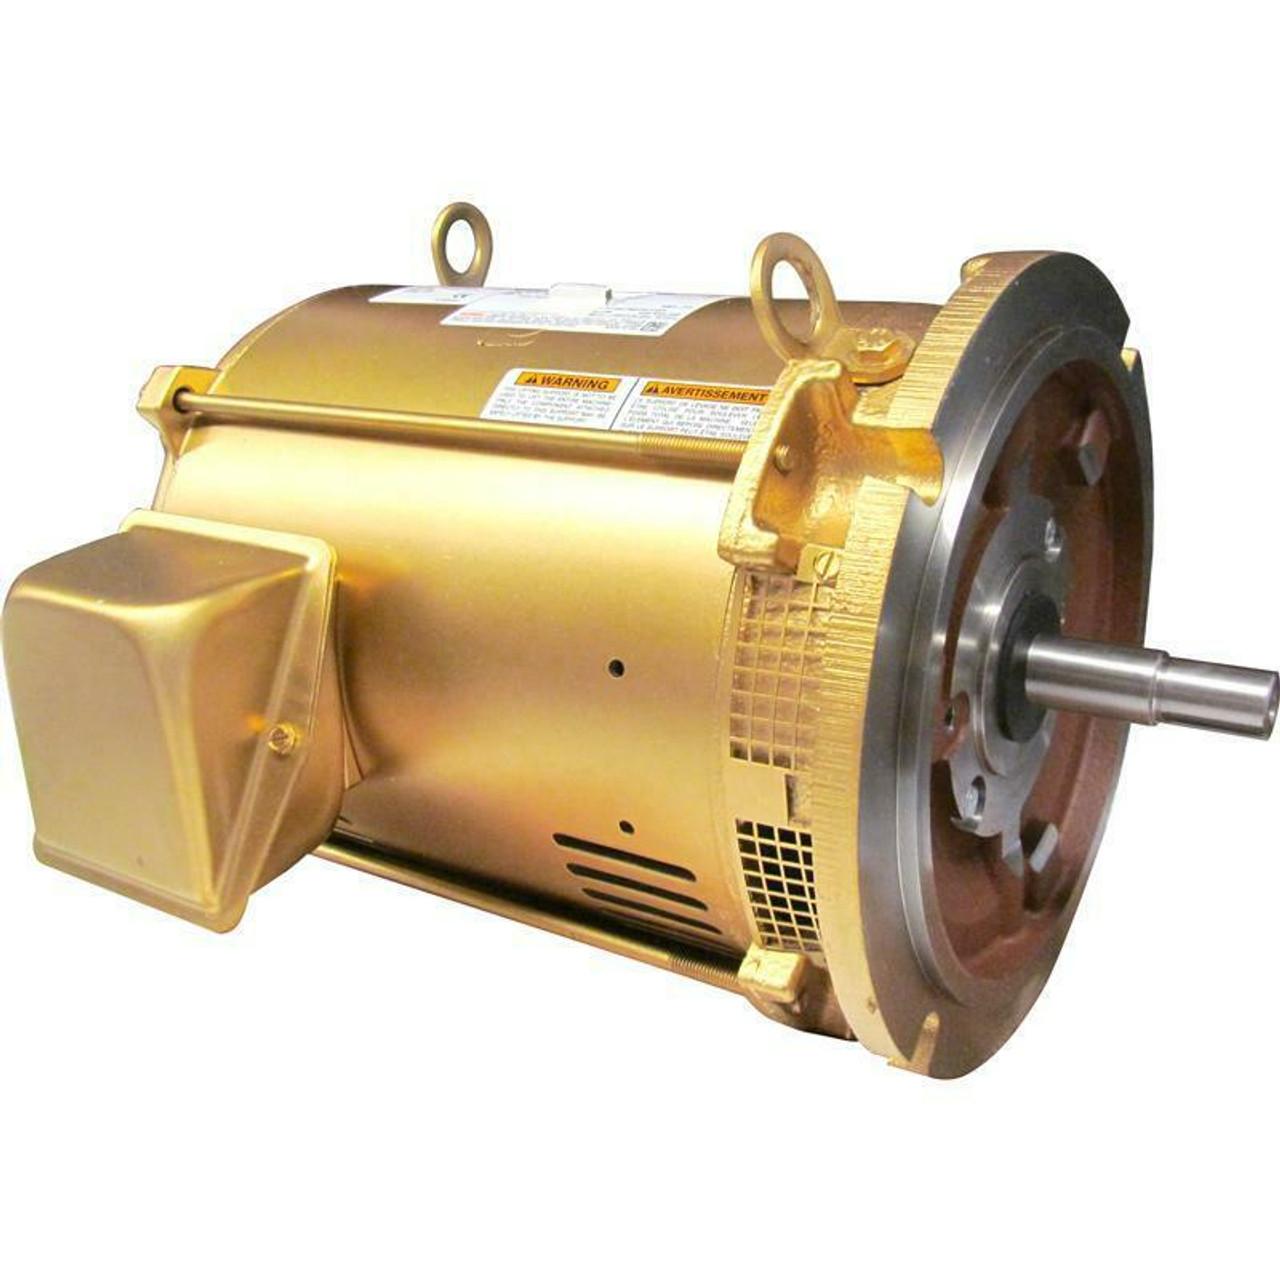 C-Series 15HP 3PH 220/440 Motor